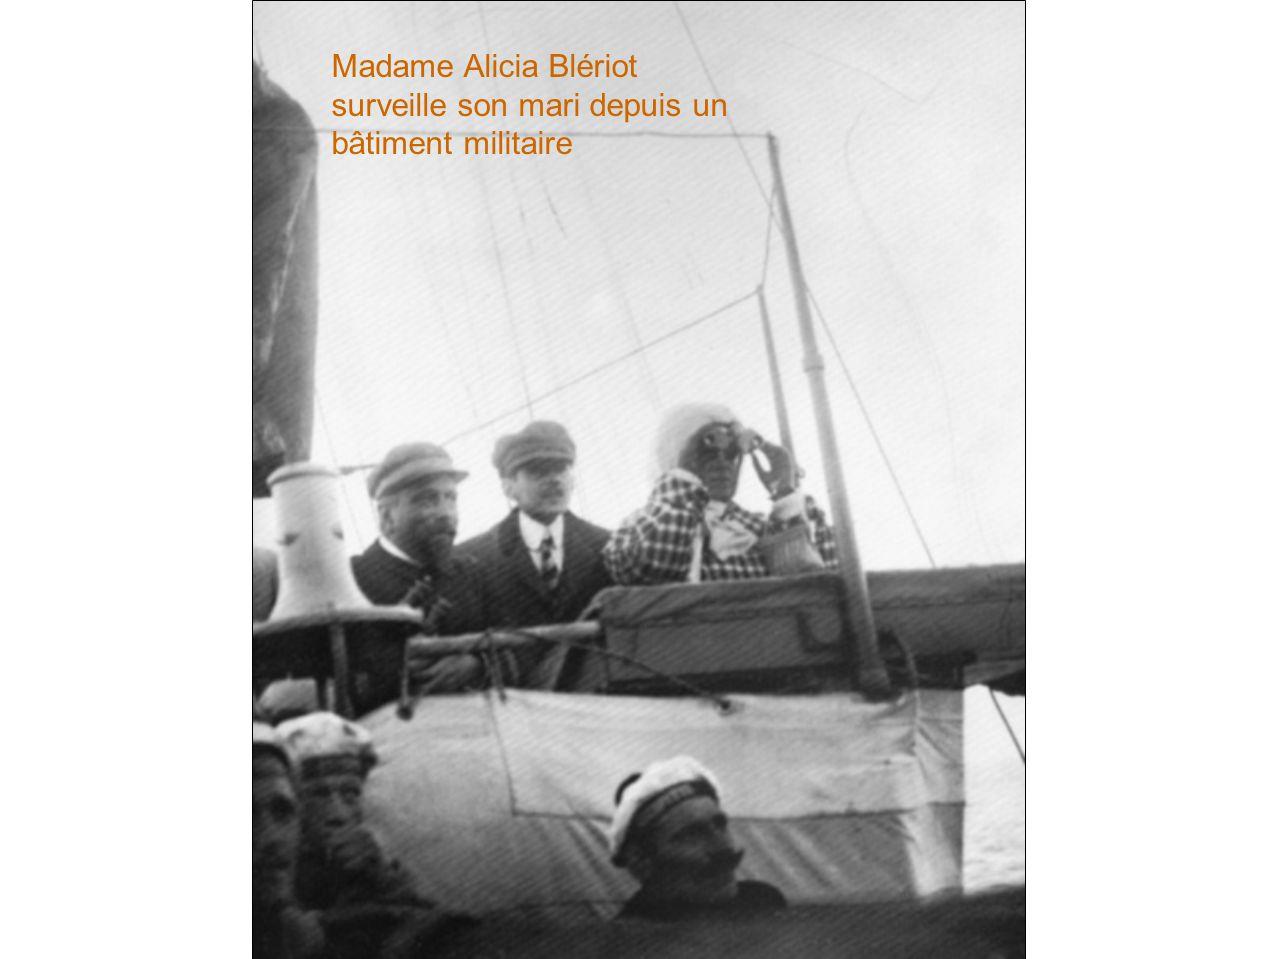 Madame Alicia Blériot surveille son mari depuis un bâtiment militaire